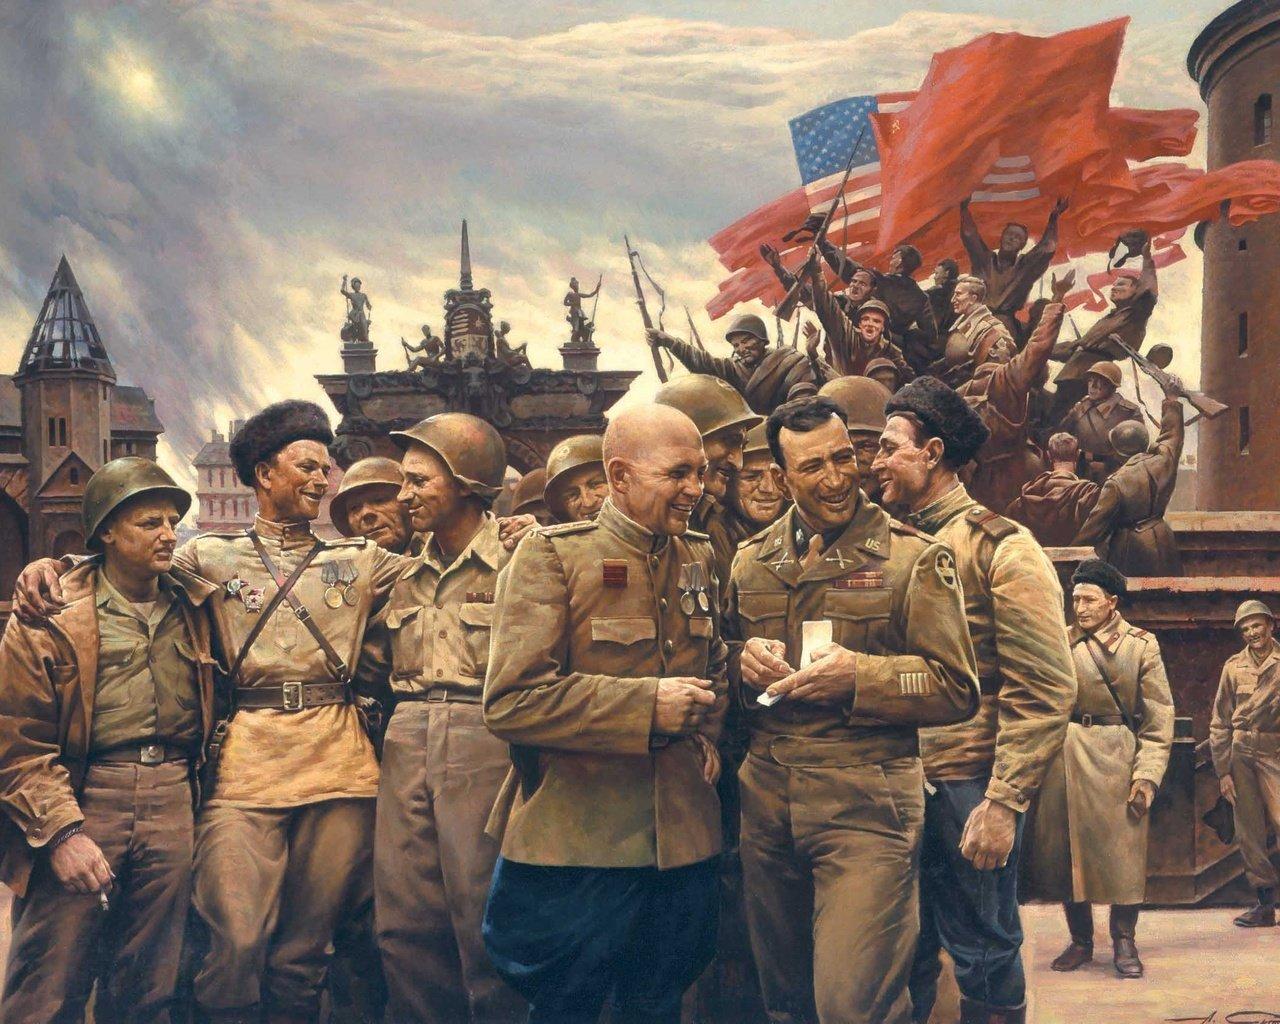 Best World War 2 Ww2 Wallpaper Id 169545 For High Resolution Hd 1280x1024 Desktop